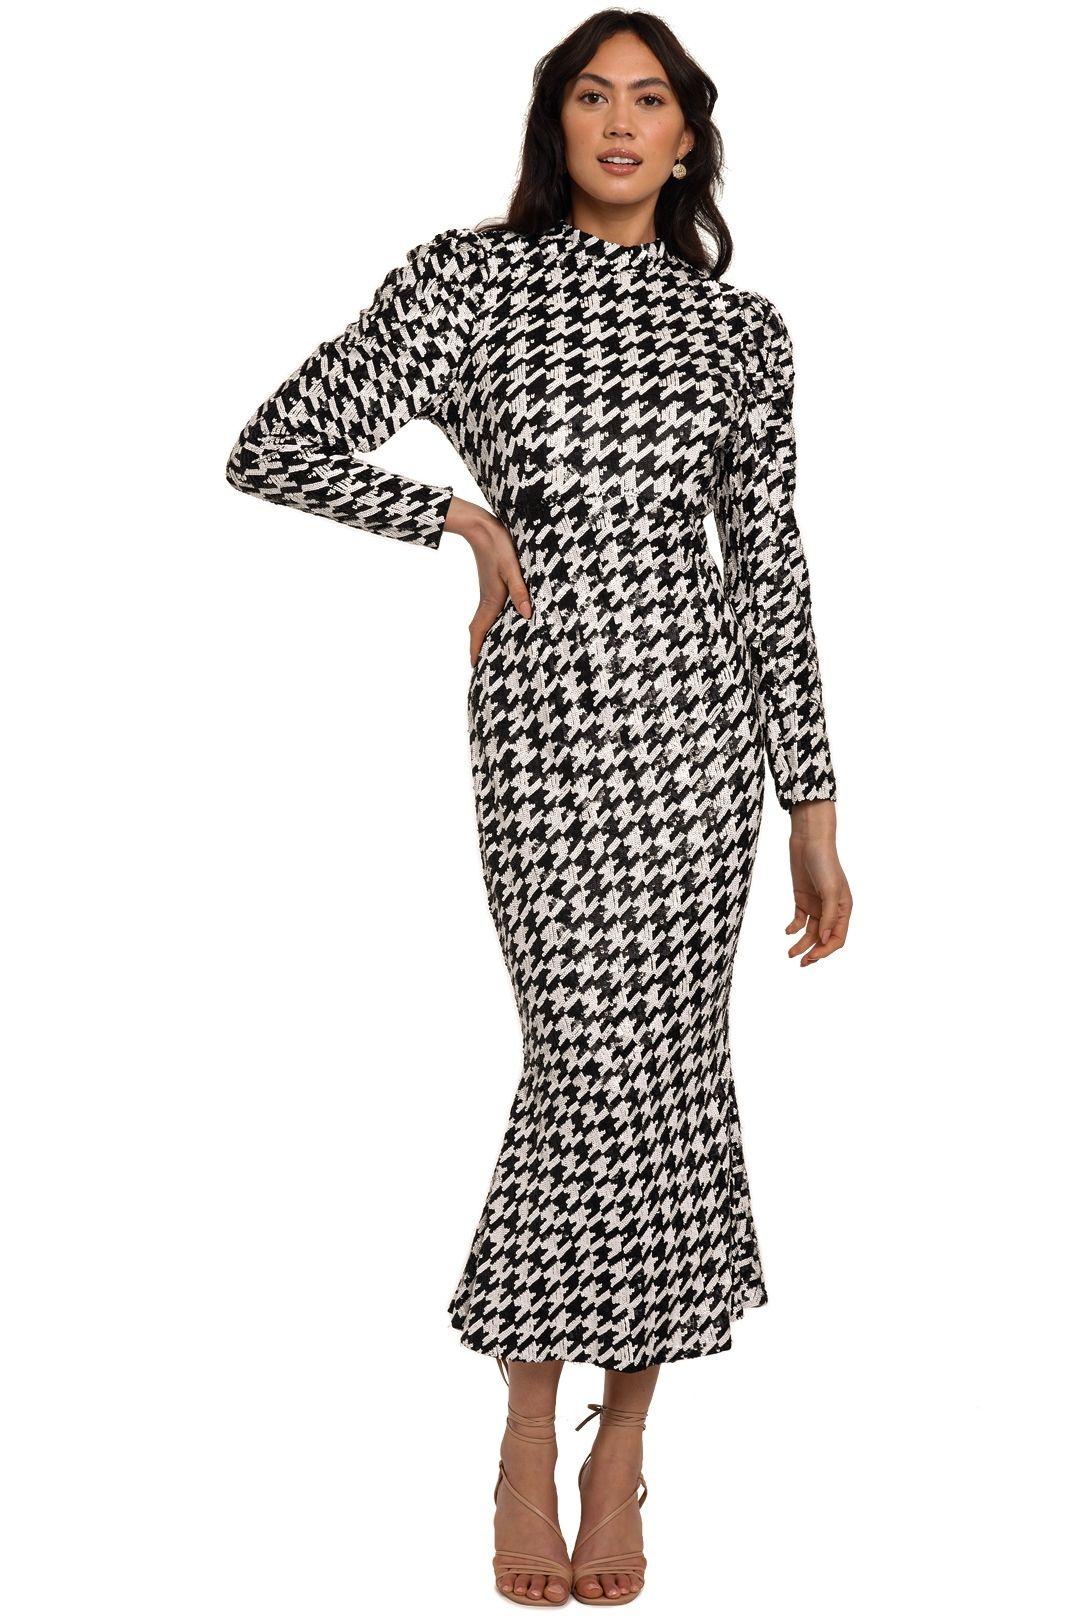 Rachel Gilbert Emory Dress Black White